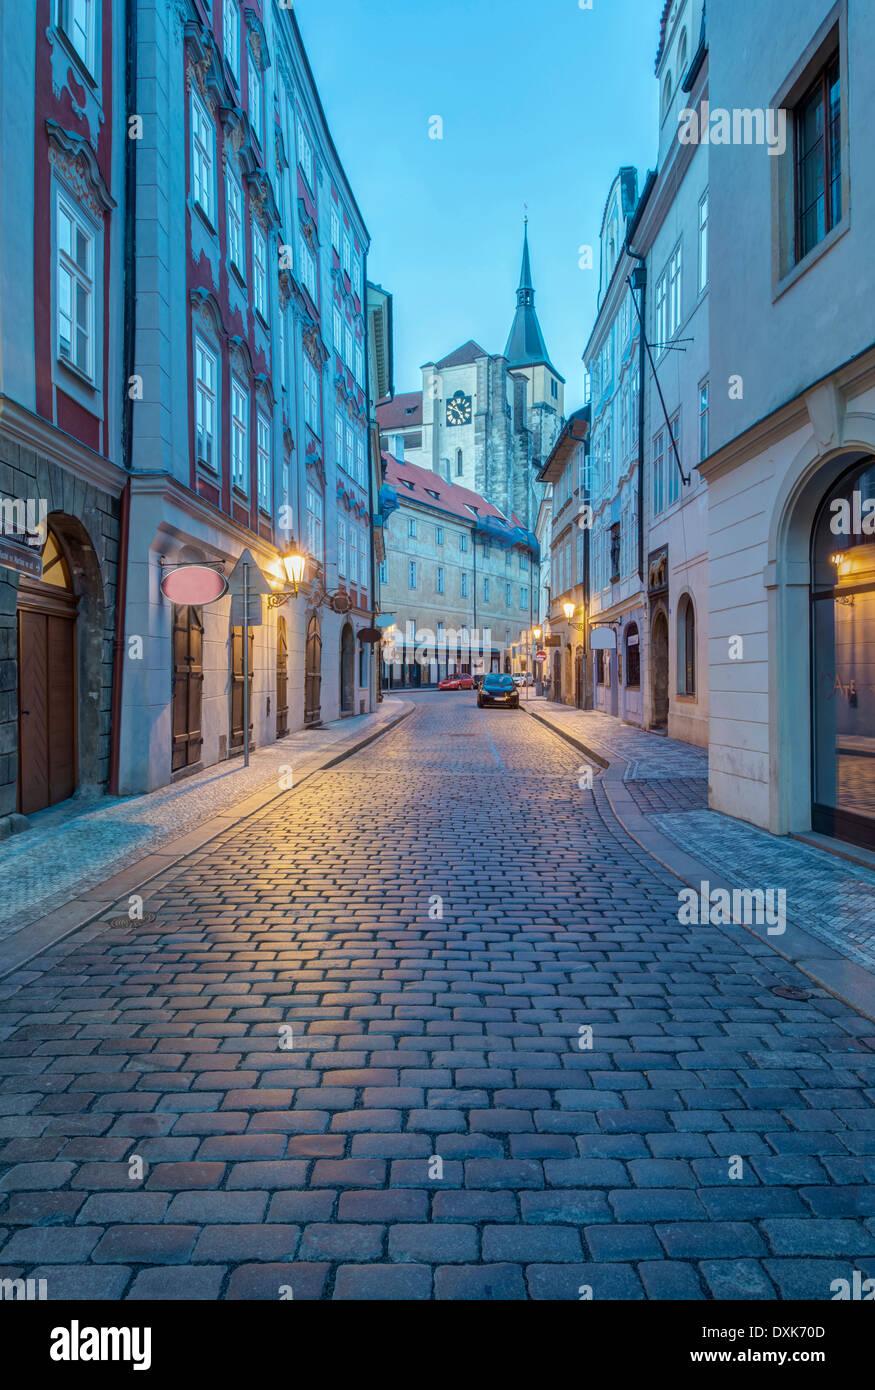 La calle de adoquines al amanecer, Praga, República Checa Imagen De Stock